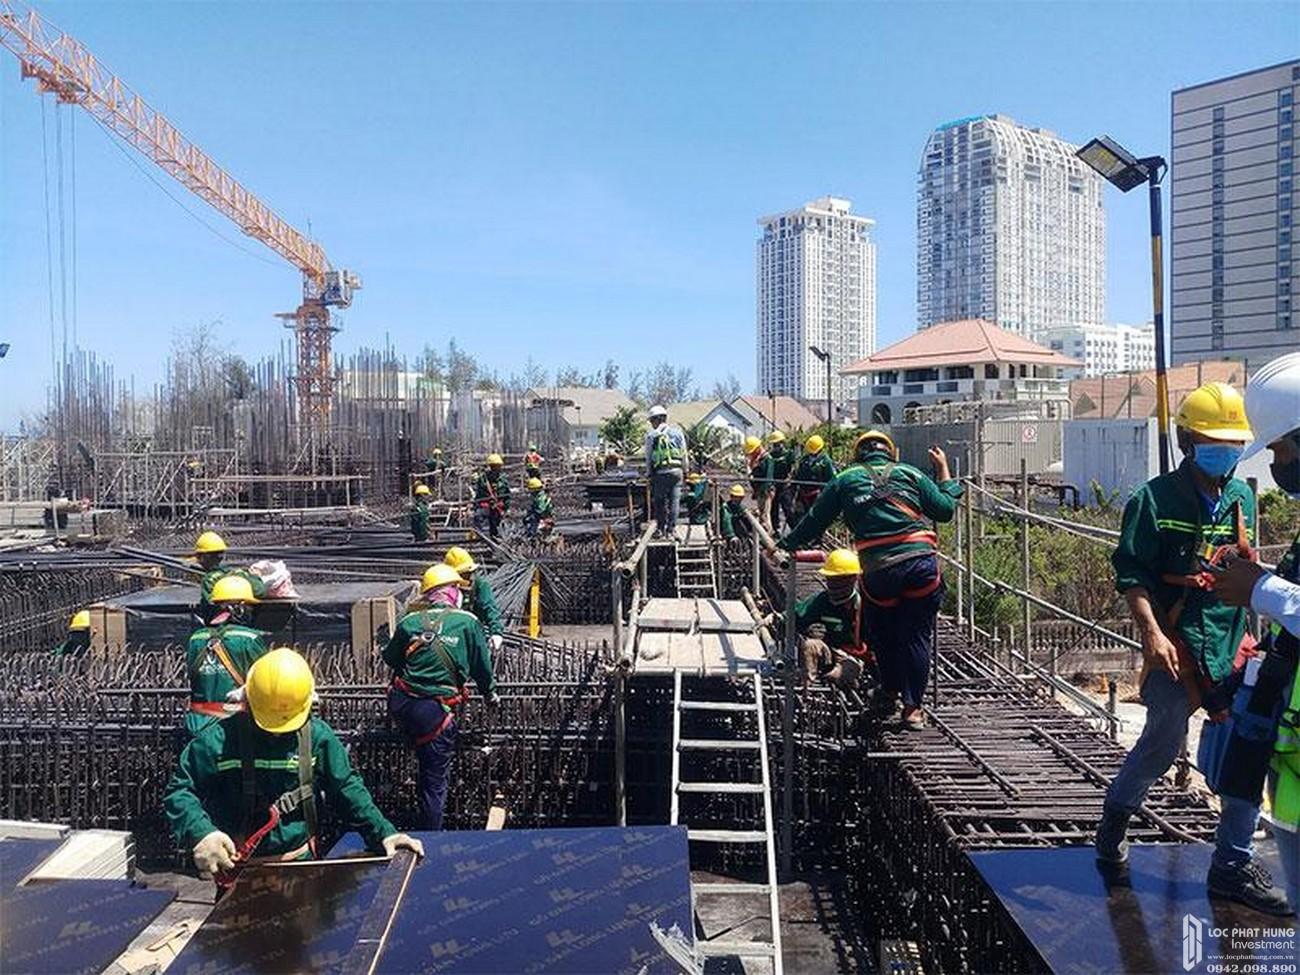 Tiến độ dự án căn hộ condotel The Sóng Vũng Tàu Đường Thi Sách chủ đầu tư An Gia Investment 04/05/2020